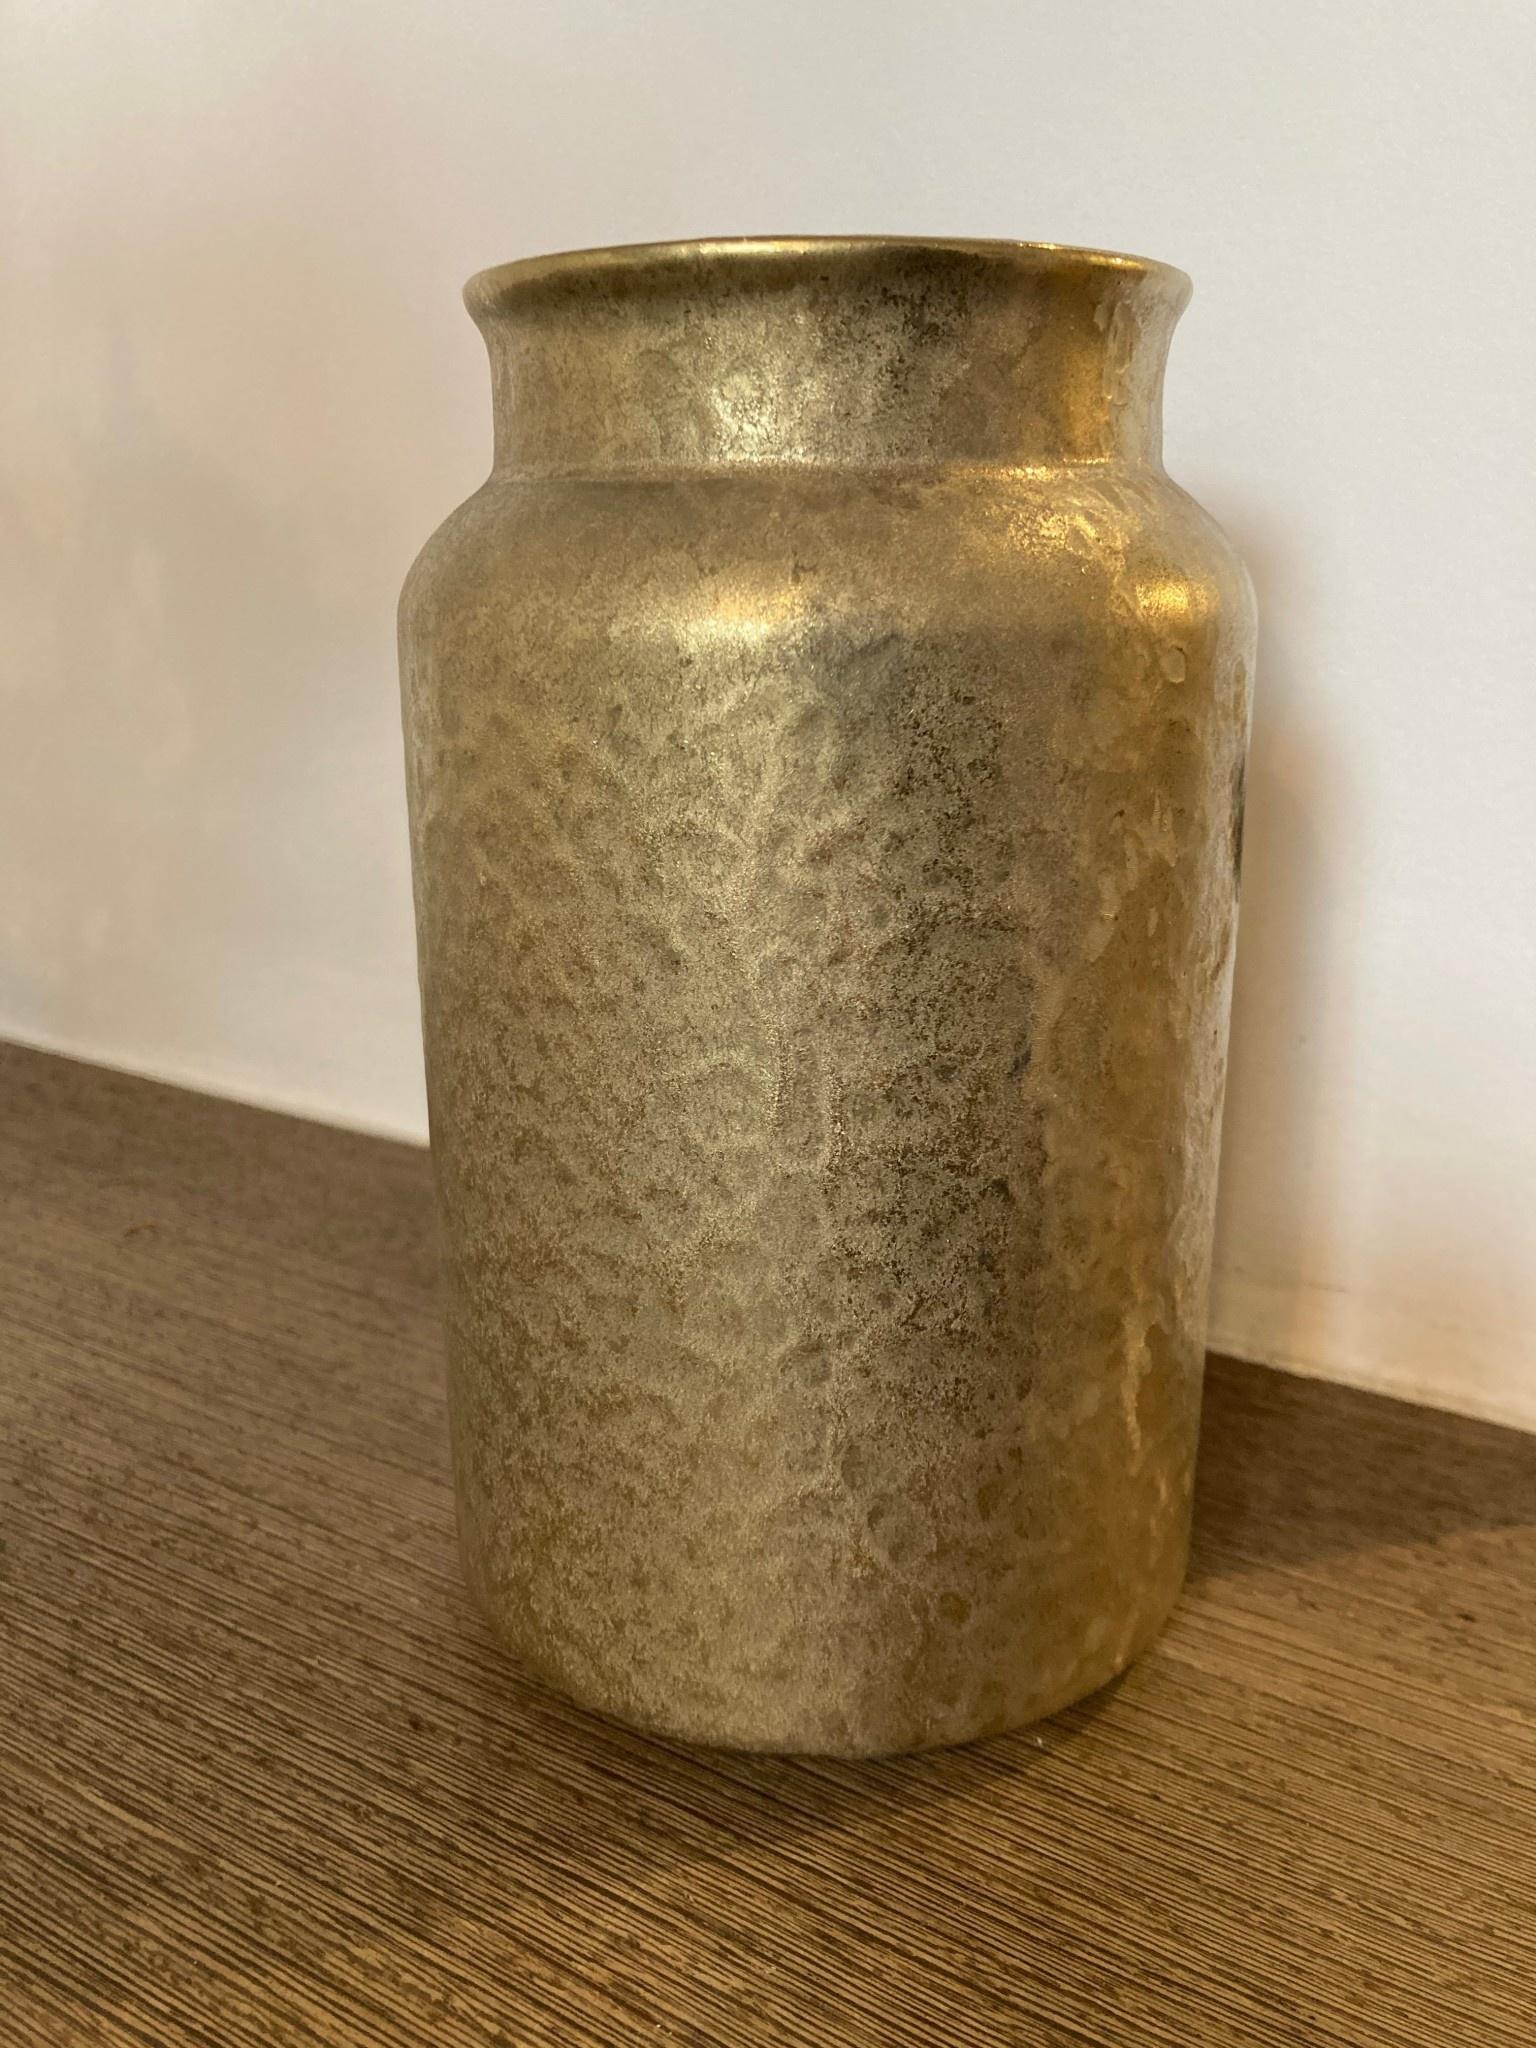 Lausanne goud melkbus 12x20cm